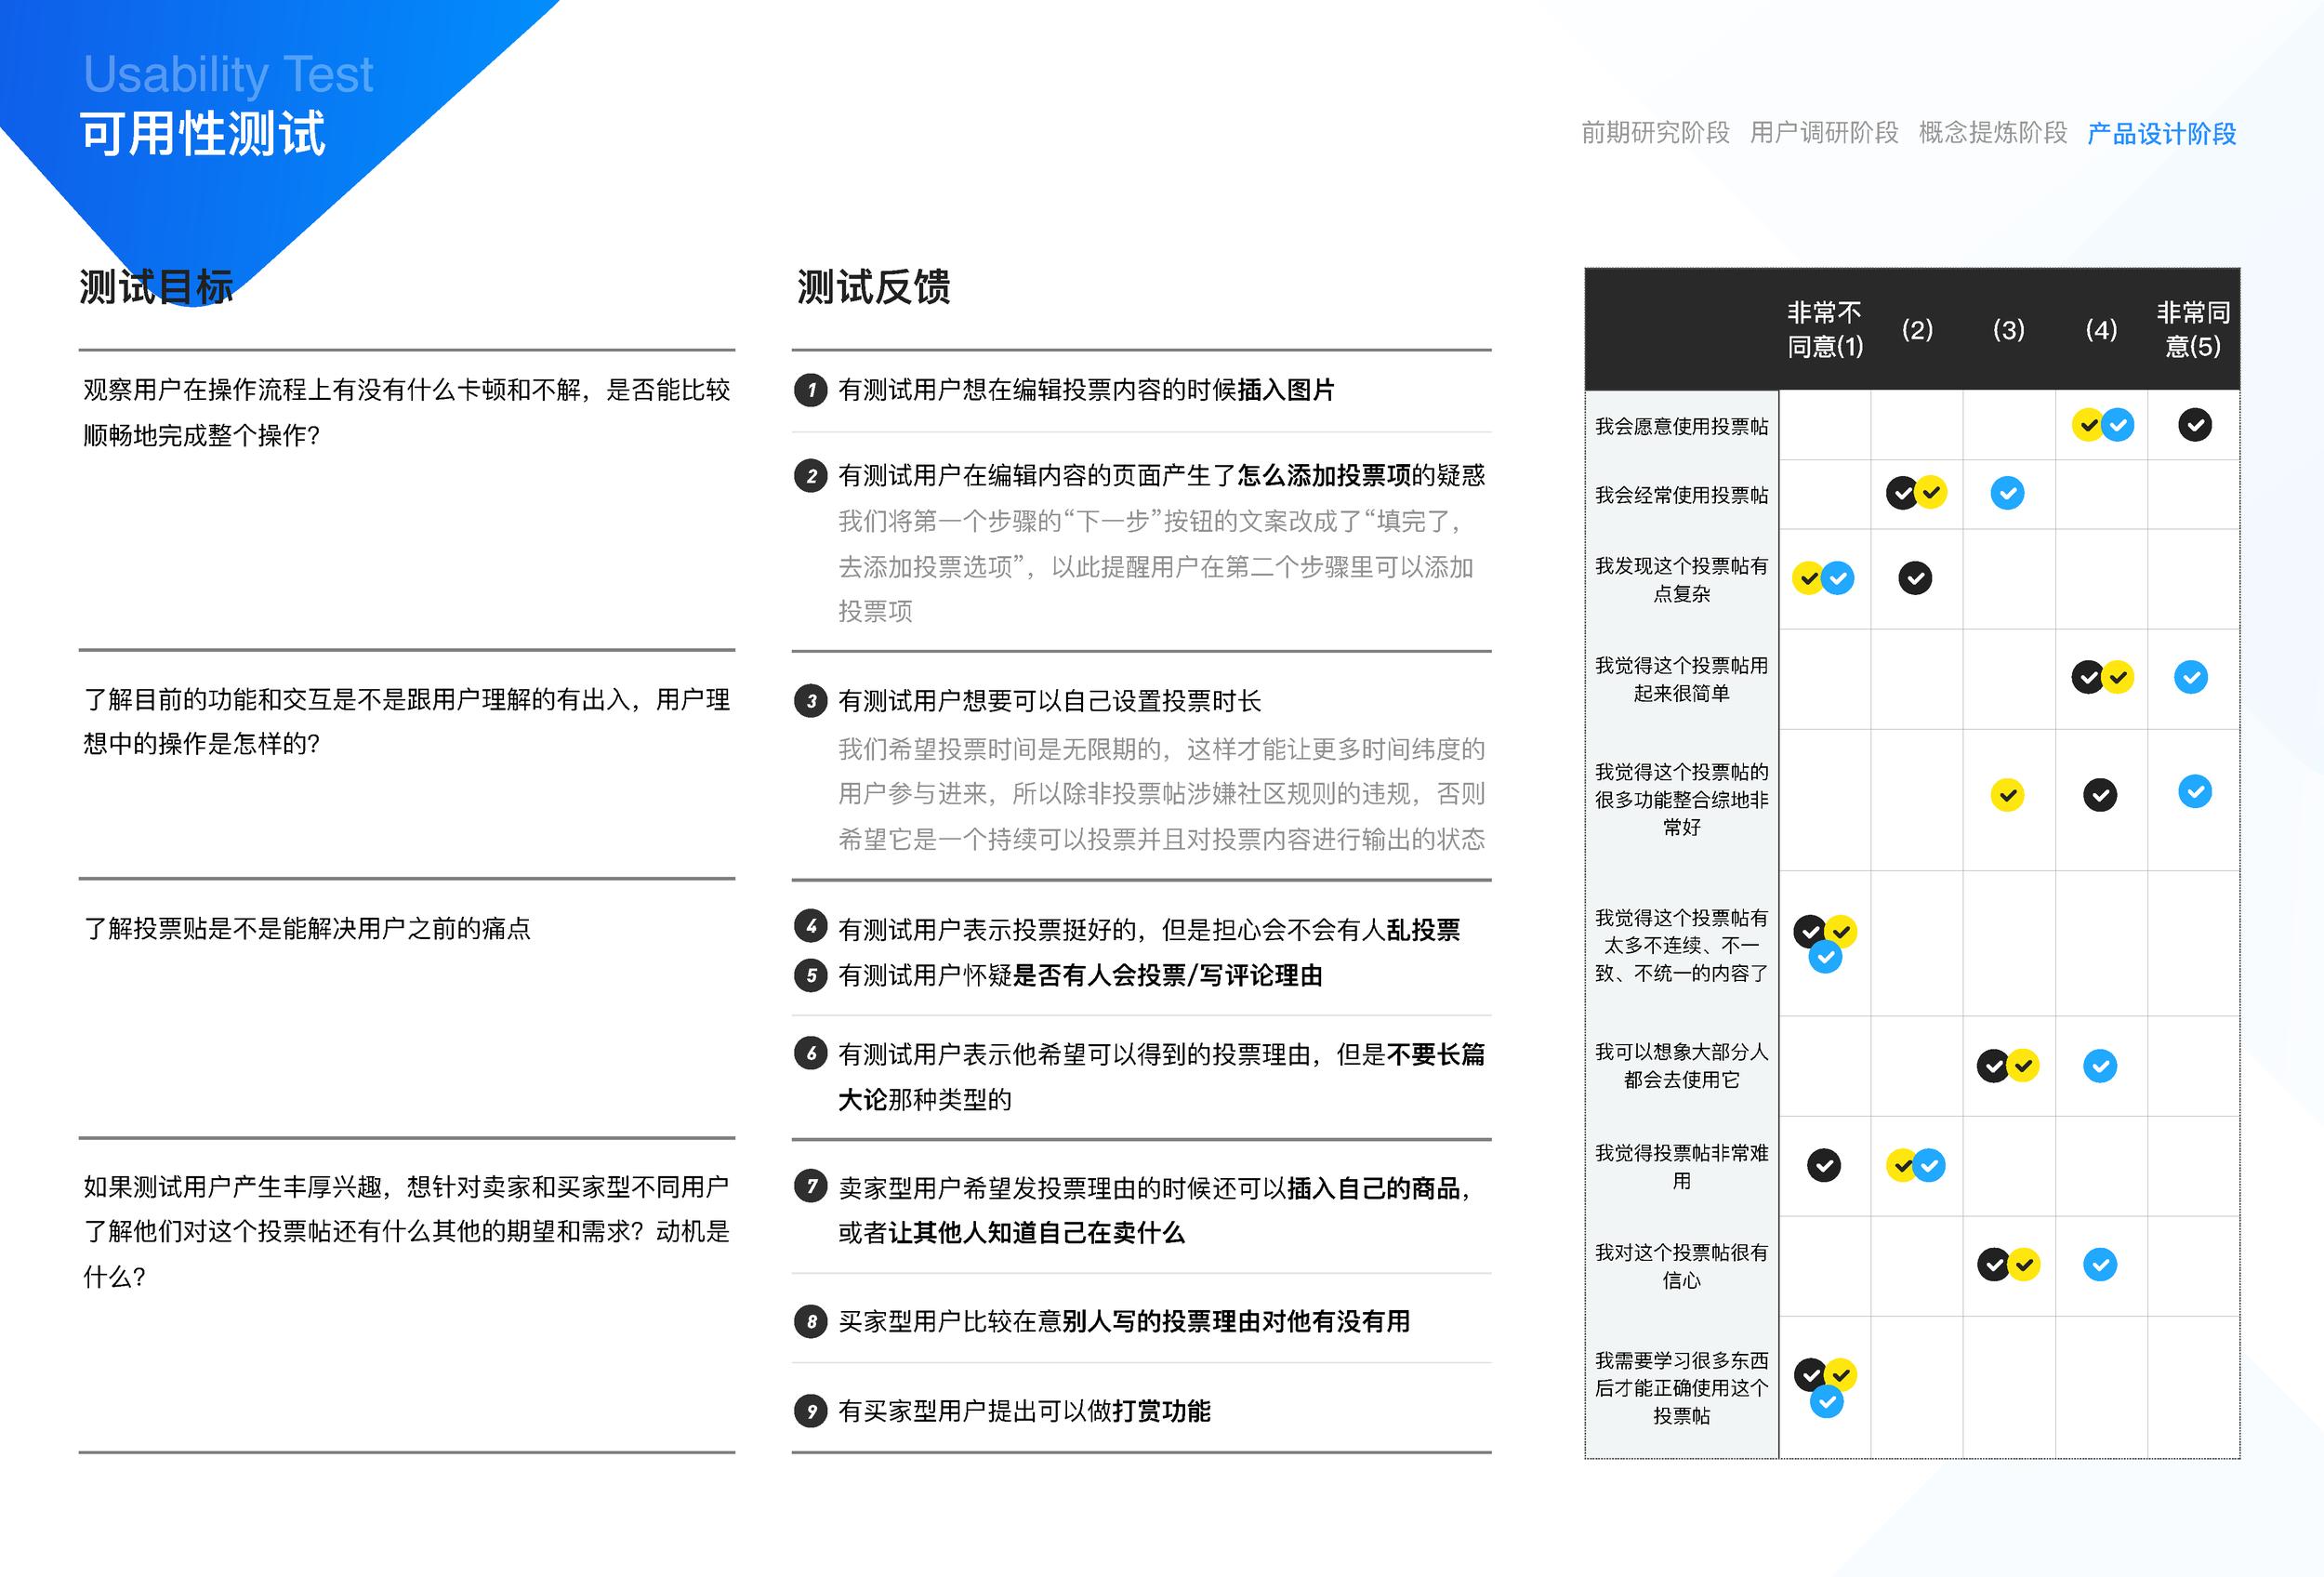 闲鱼社区互动设计(17小组油猫饼)_页面_26.png